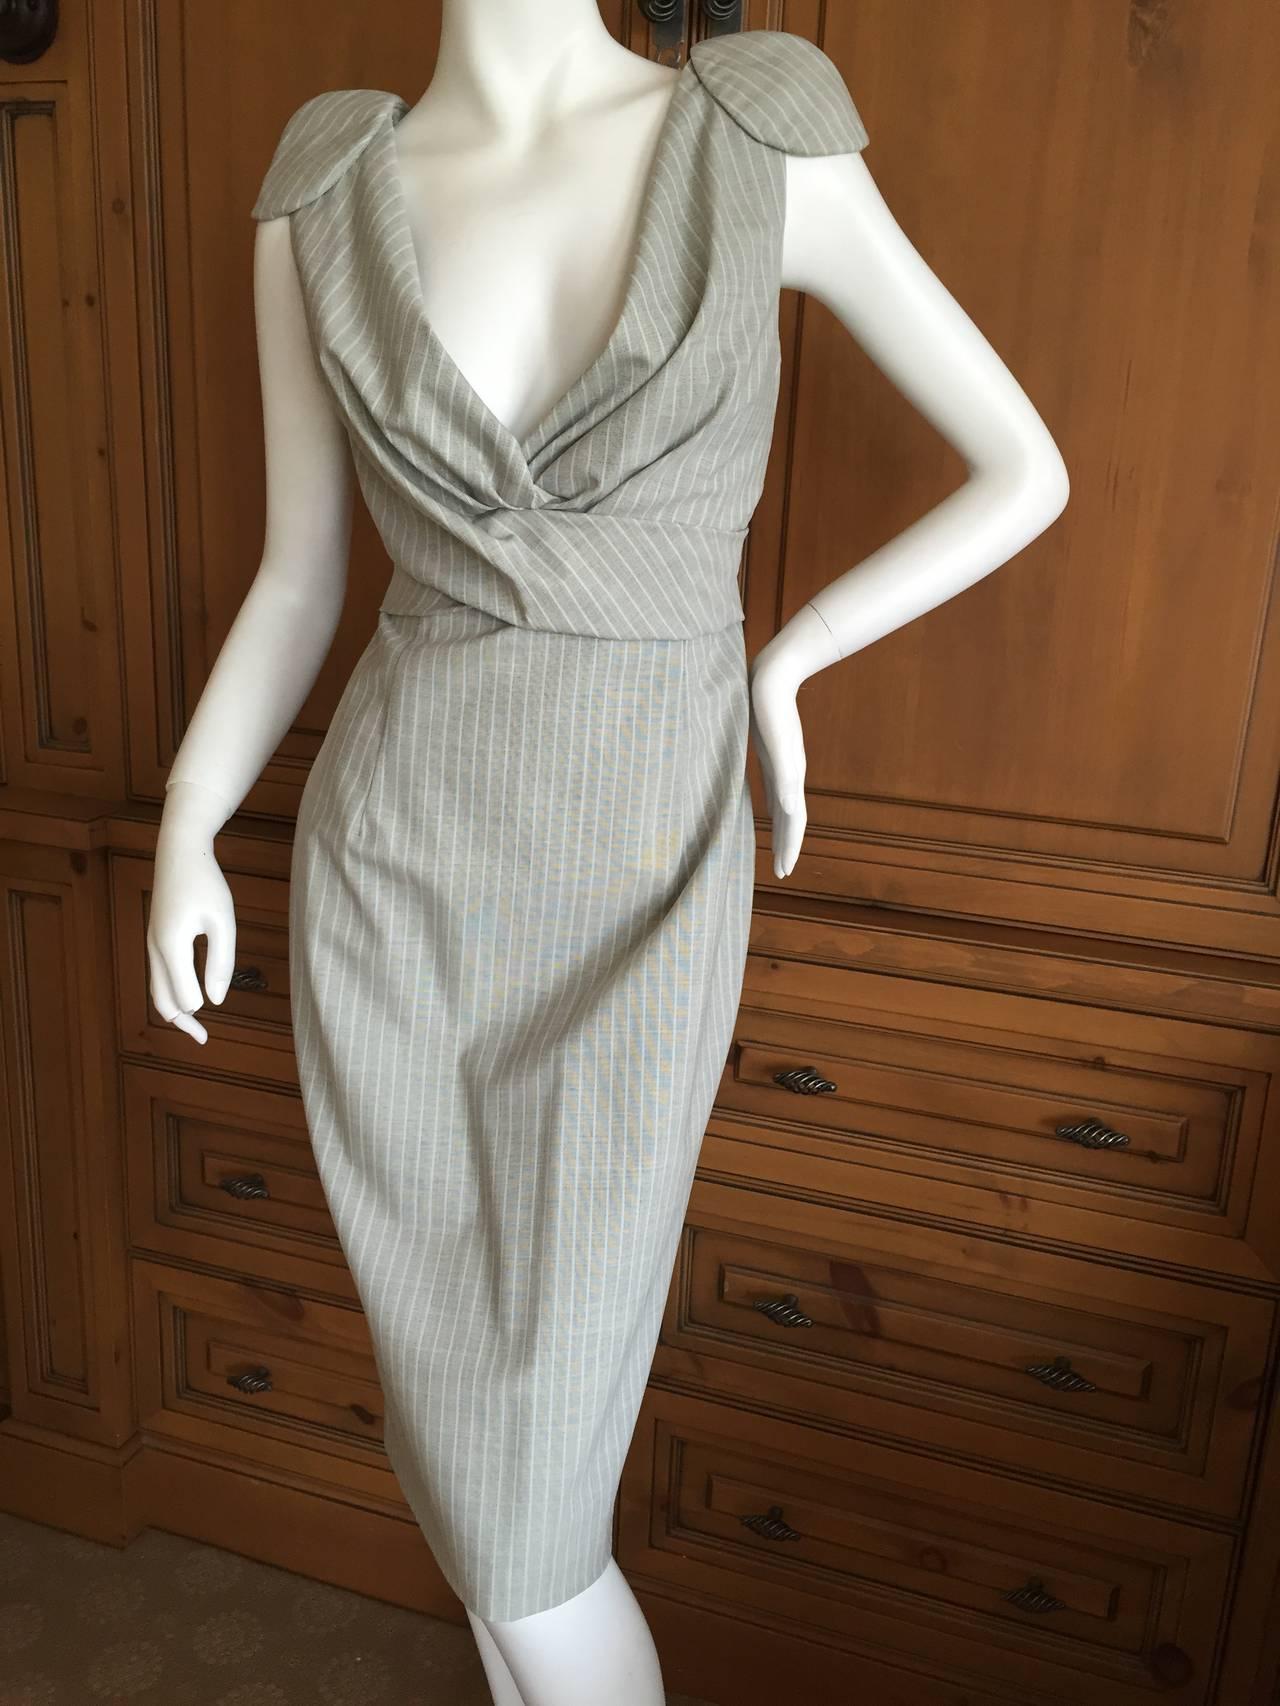 Alexander McQueen Pinstripe Dress 2009 NWT 3